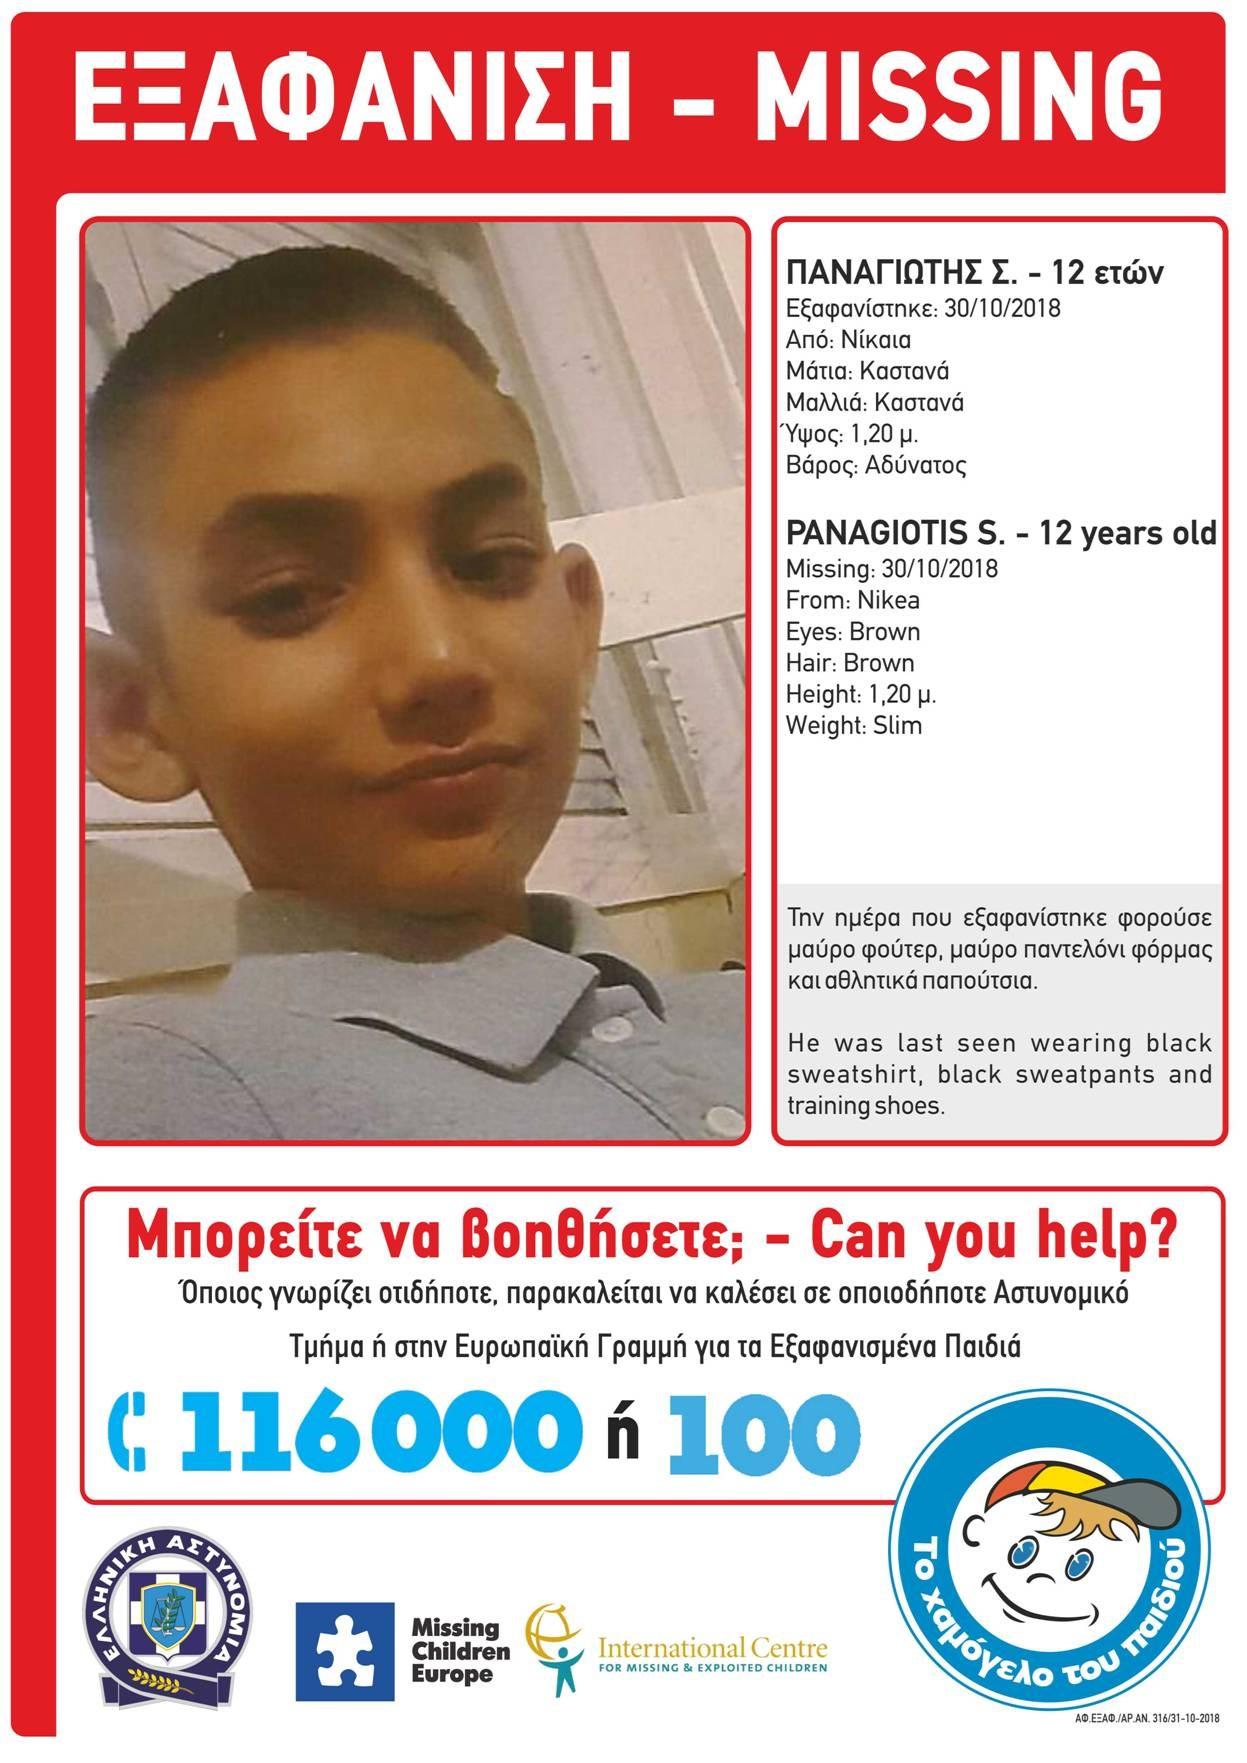 Συναγερμός με την εξαφάνιση 12χρονου από τη Νίκαια